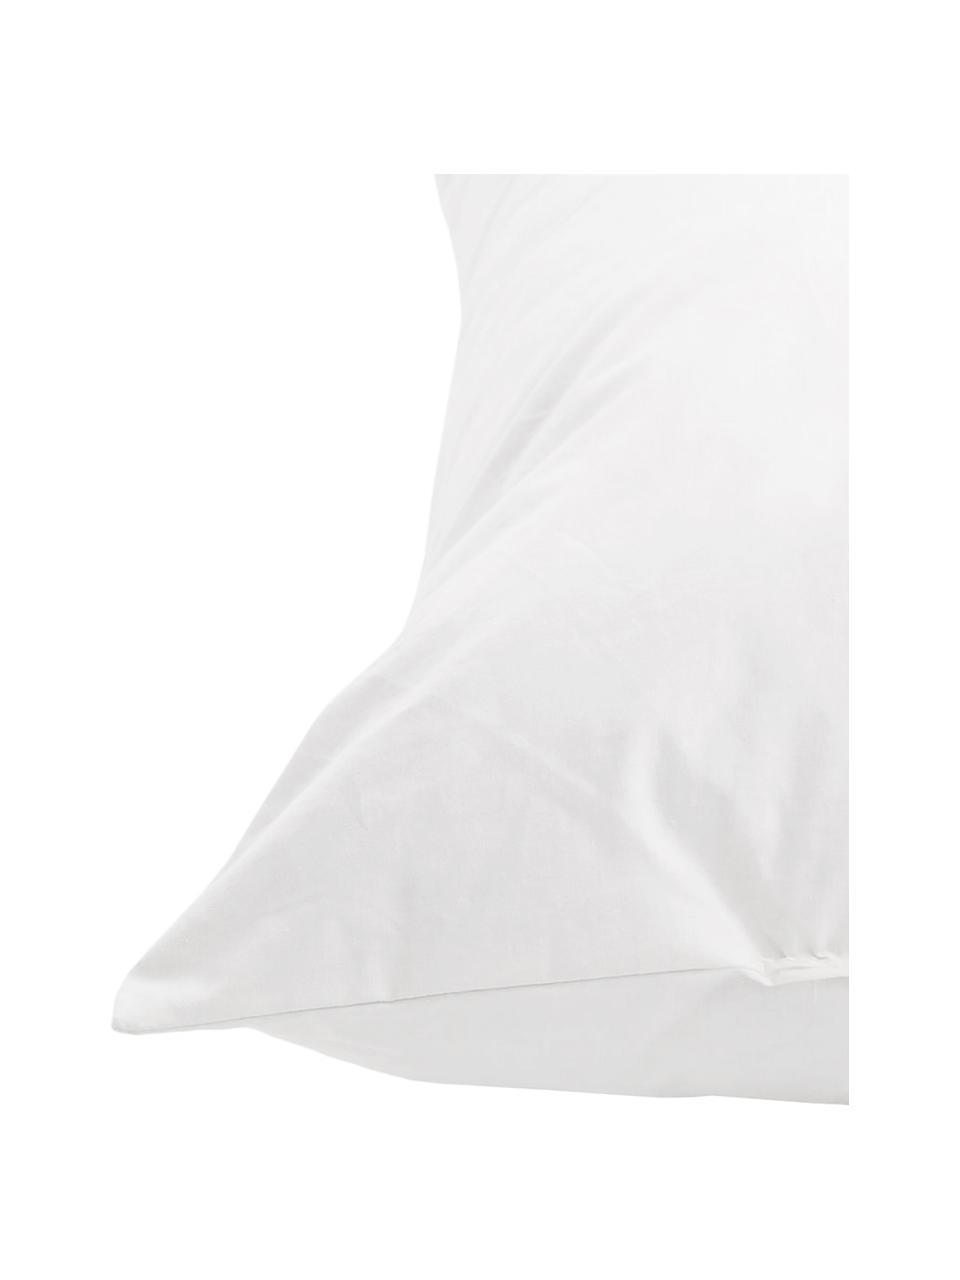 Kissen-Inlett Premium, 50x50, Daunen/Feder-Füllung, Bezug: Feinköper, 100% Baumwolle, Weiß, 50 x 50 cm